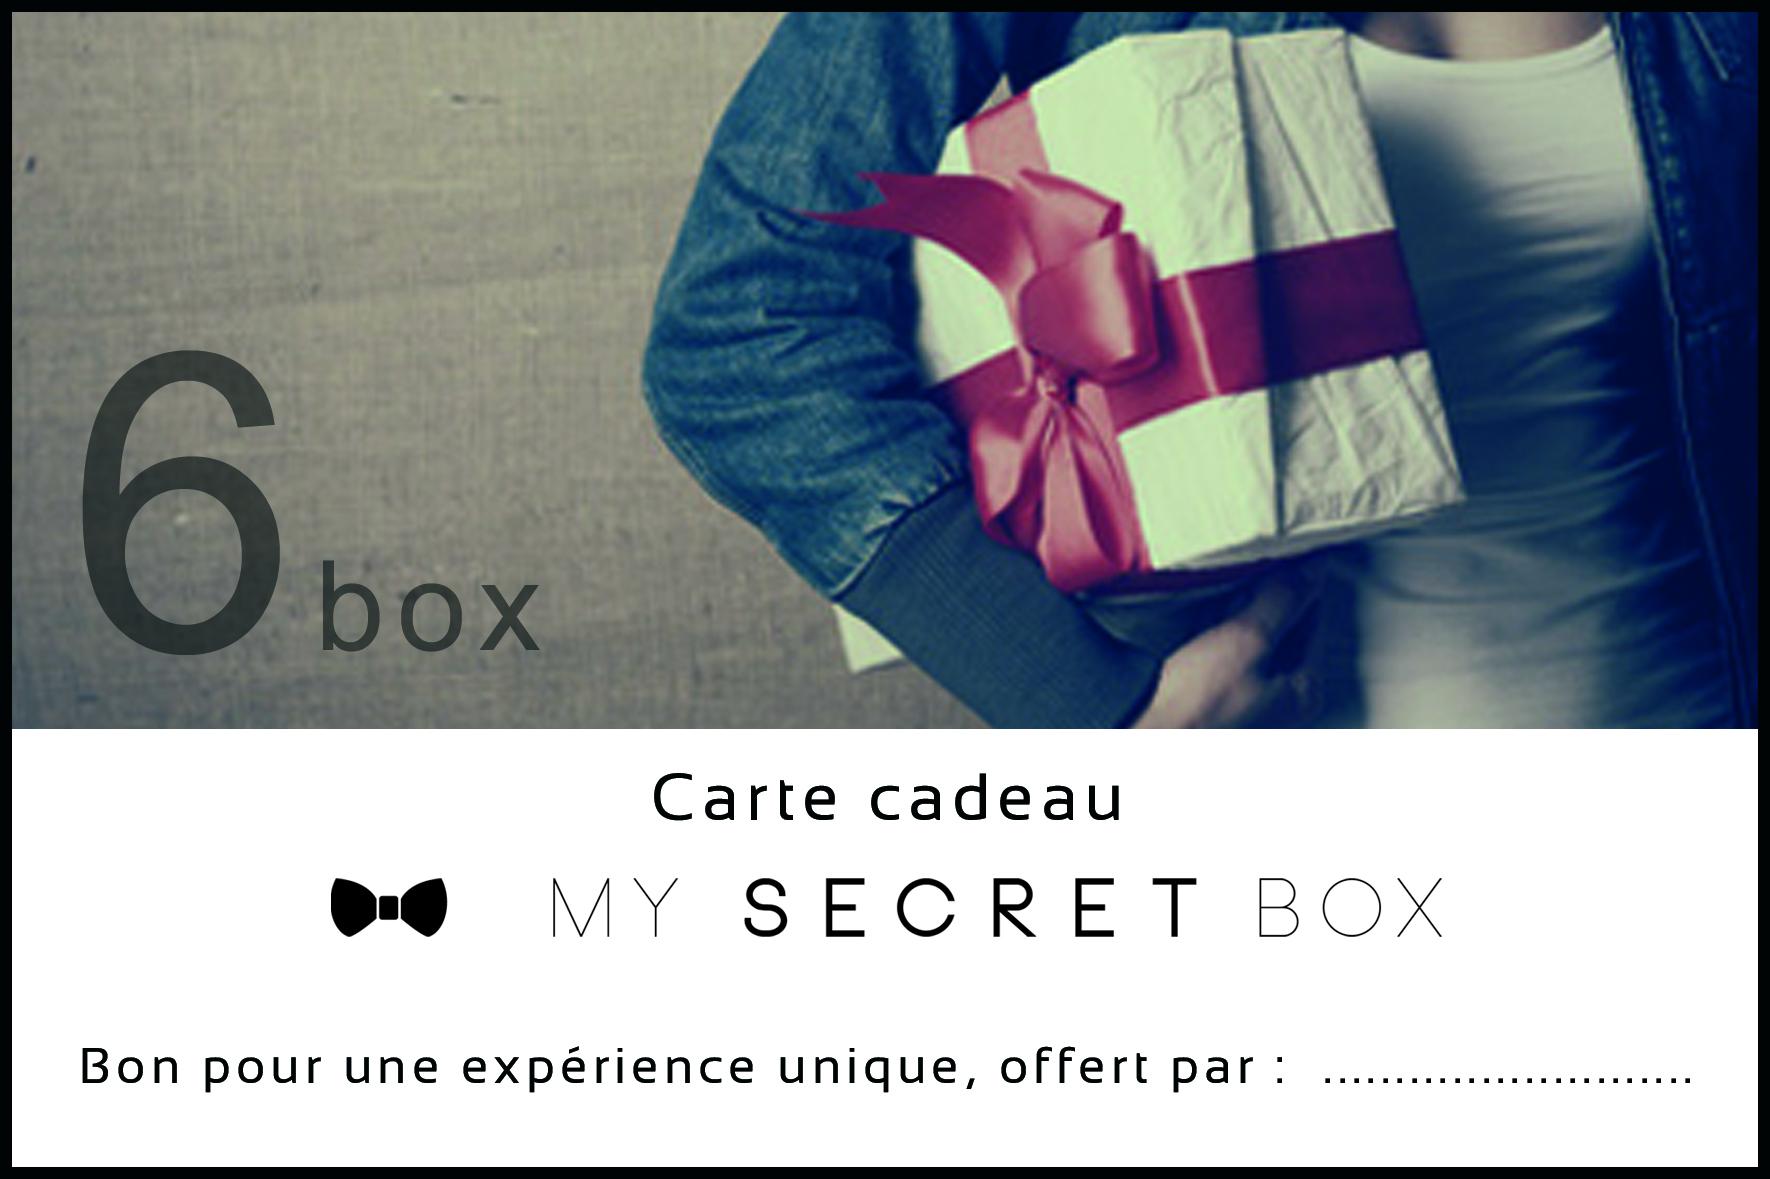 carte cadeau 3_box